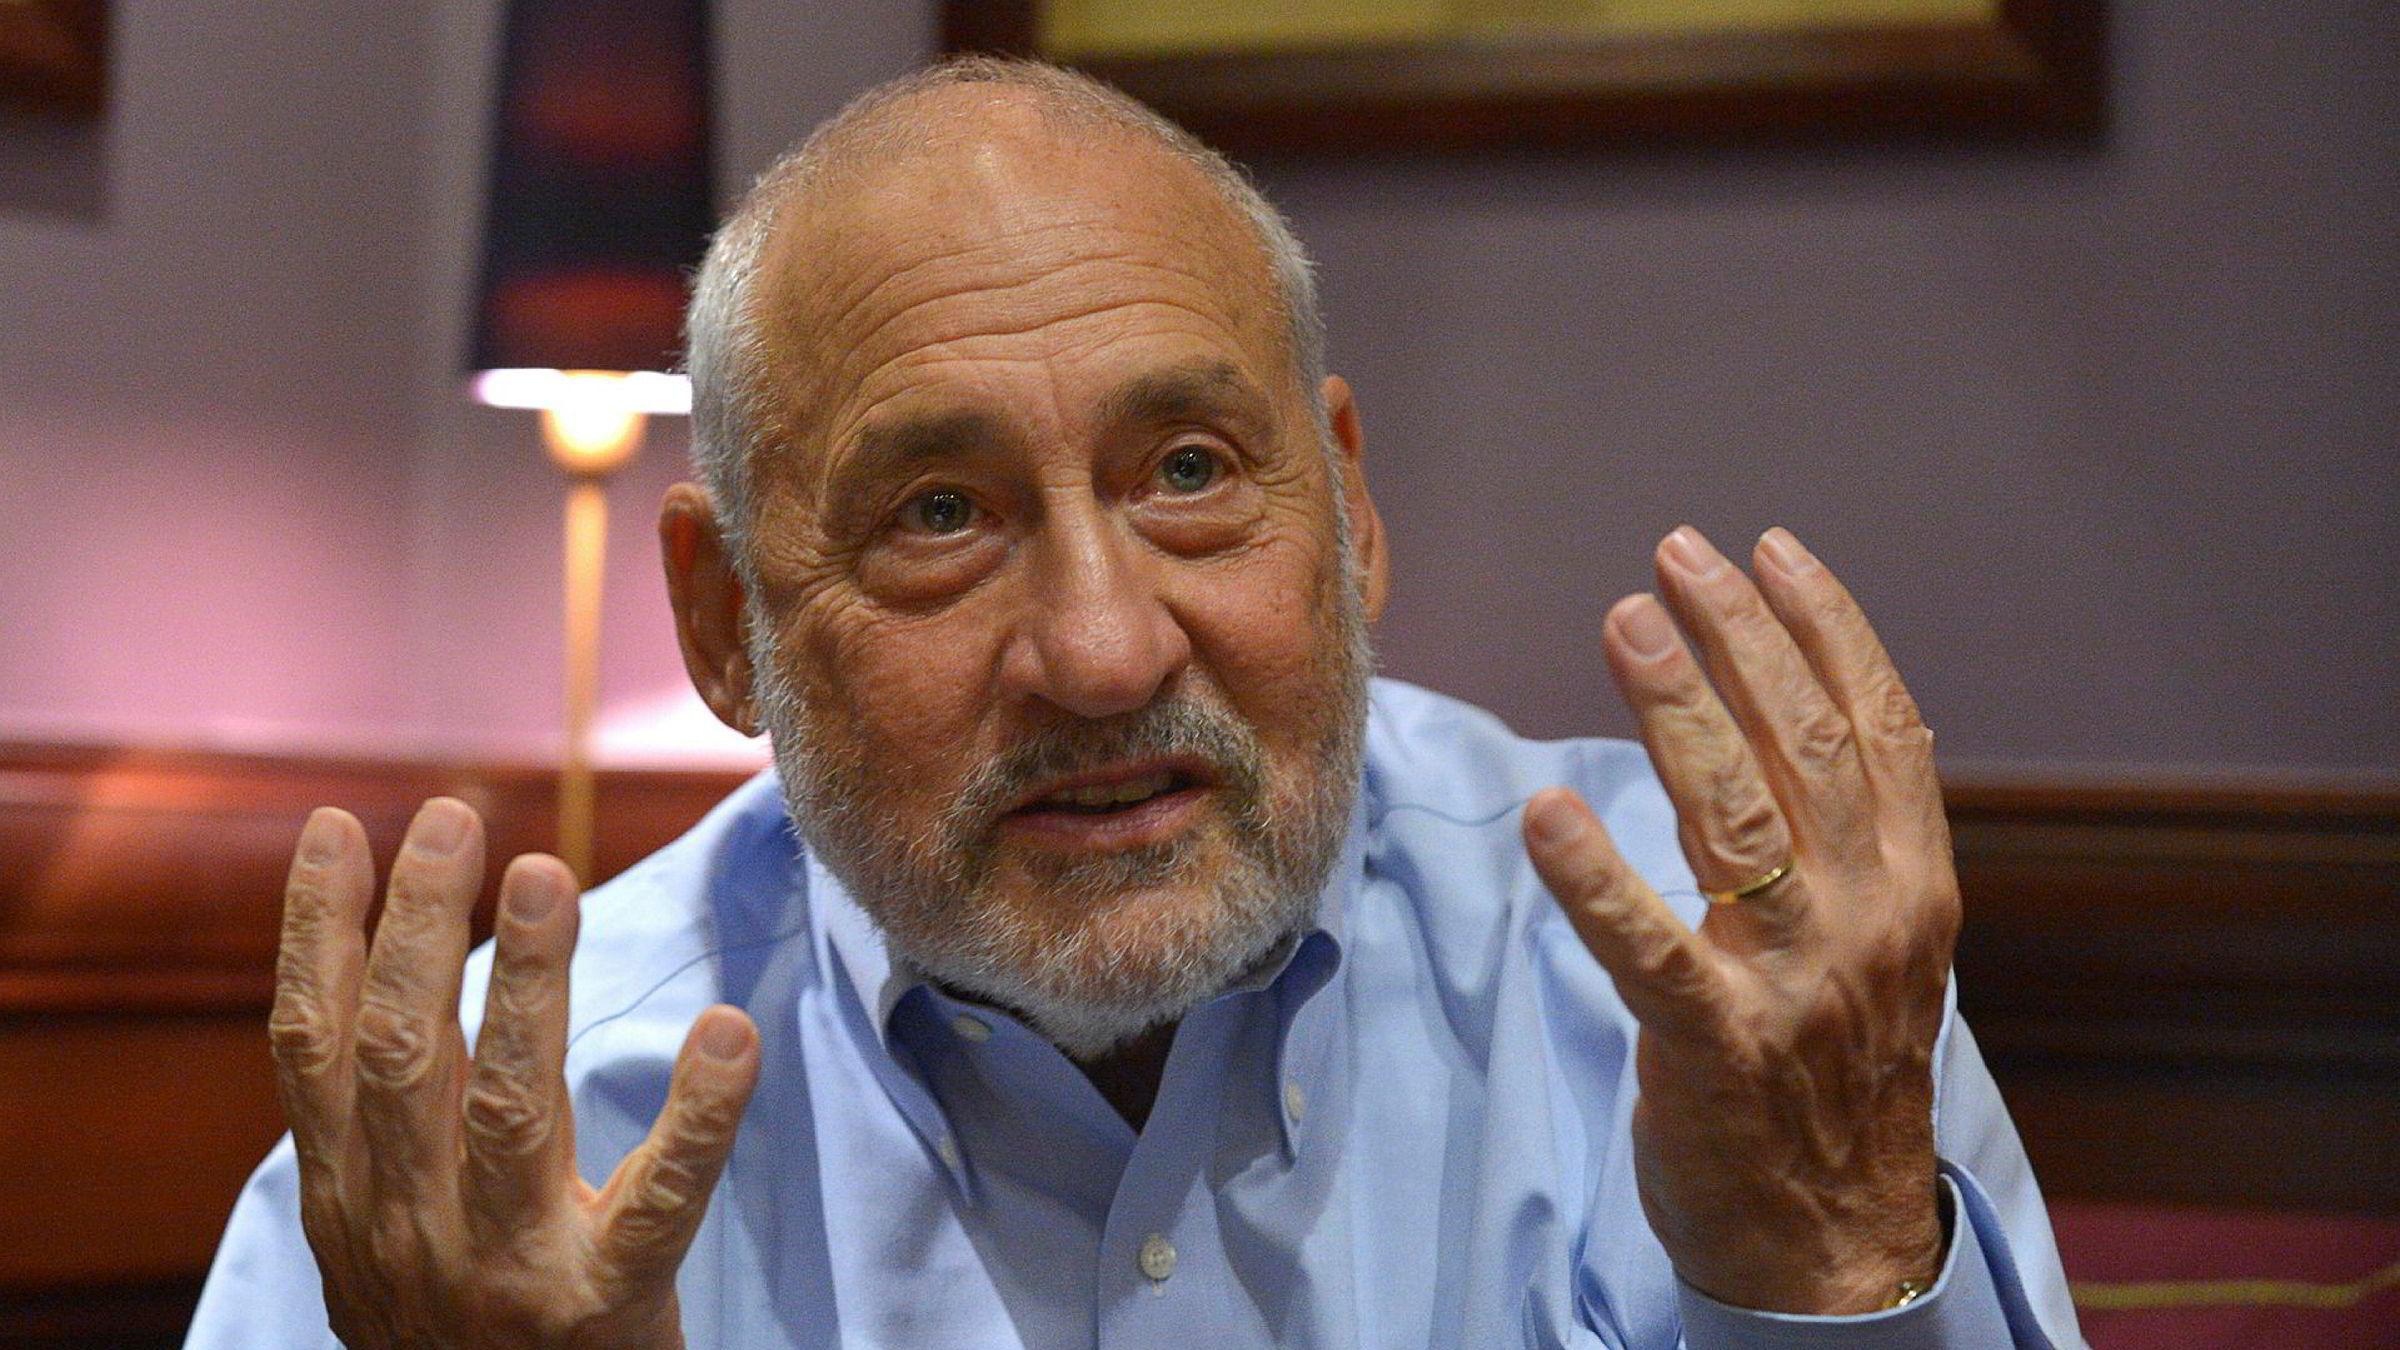 Nobelprisvinner Joseph Stiglitz har lite til overs for kryptovalutaen bitcoin.